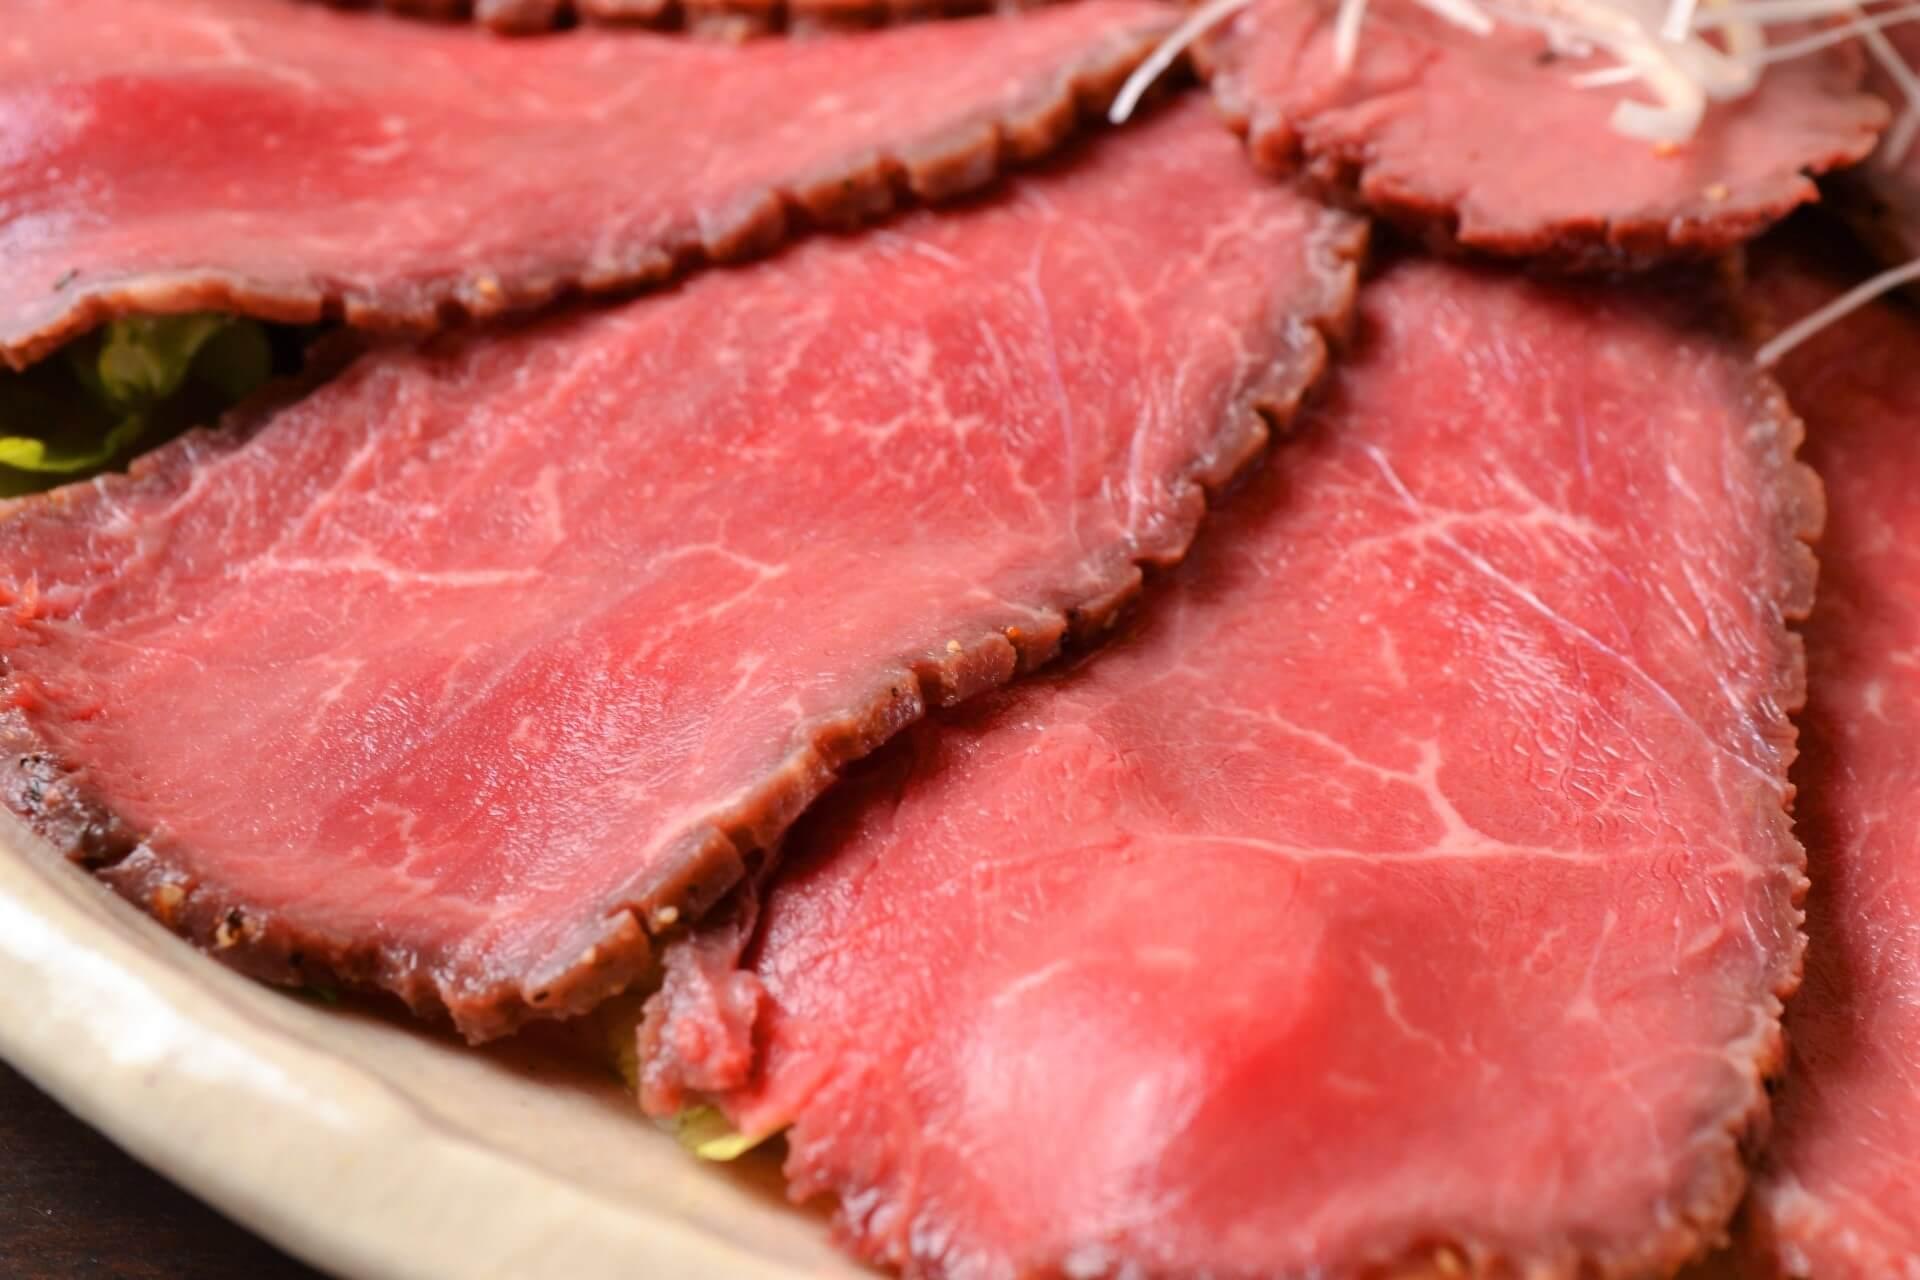 美味しいローストビーフは科学的根拠に基づいた調理法で!